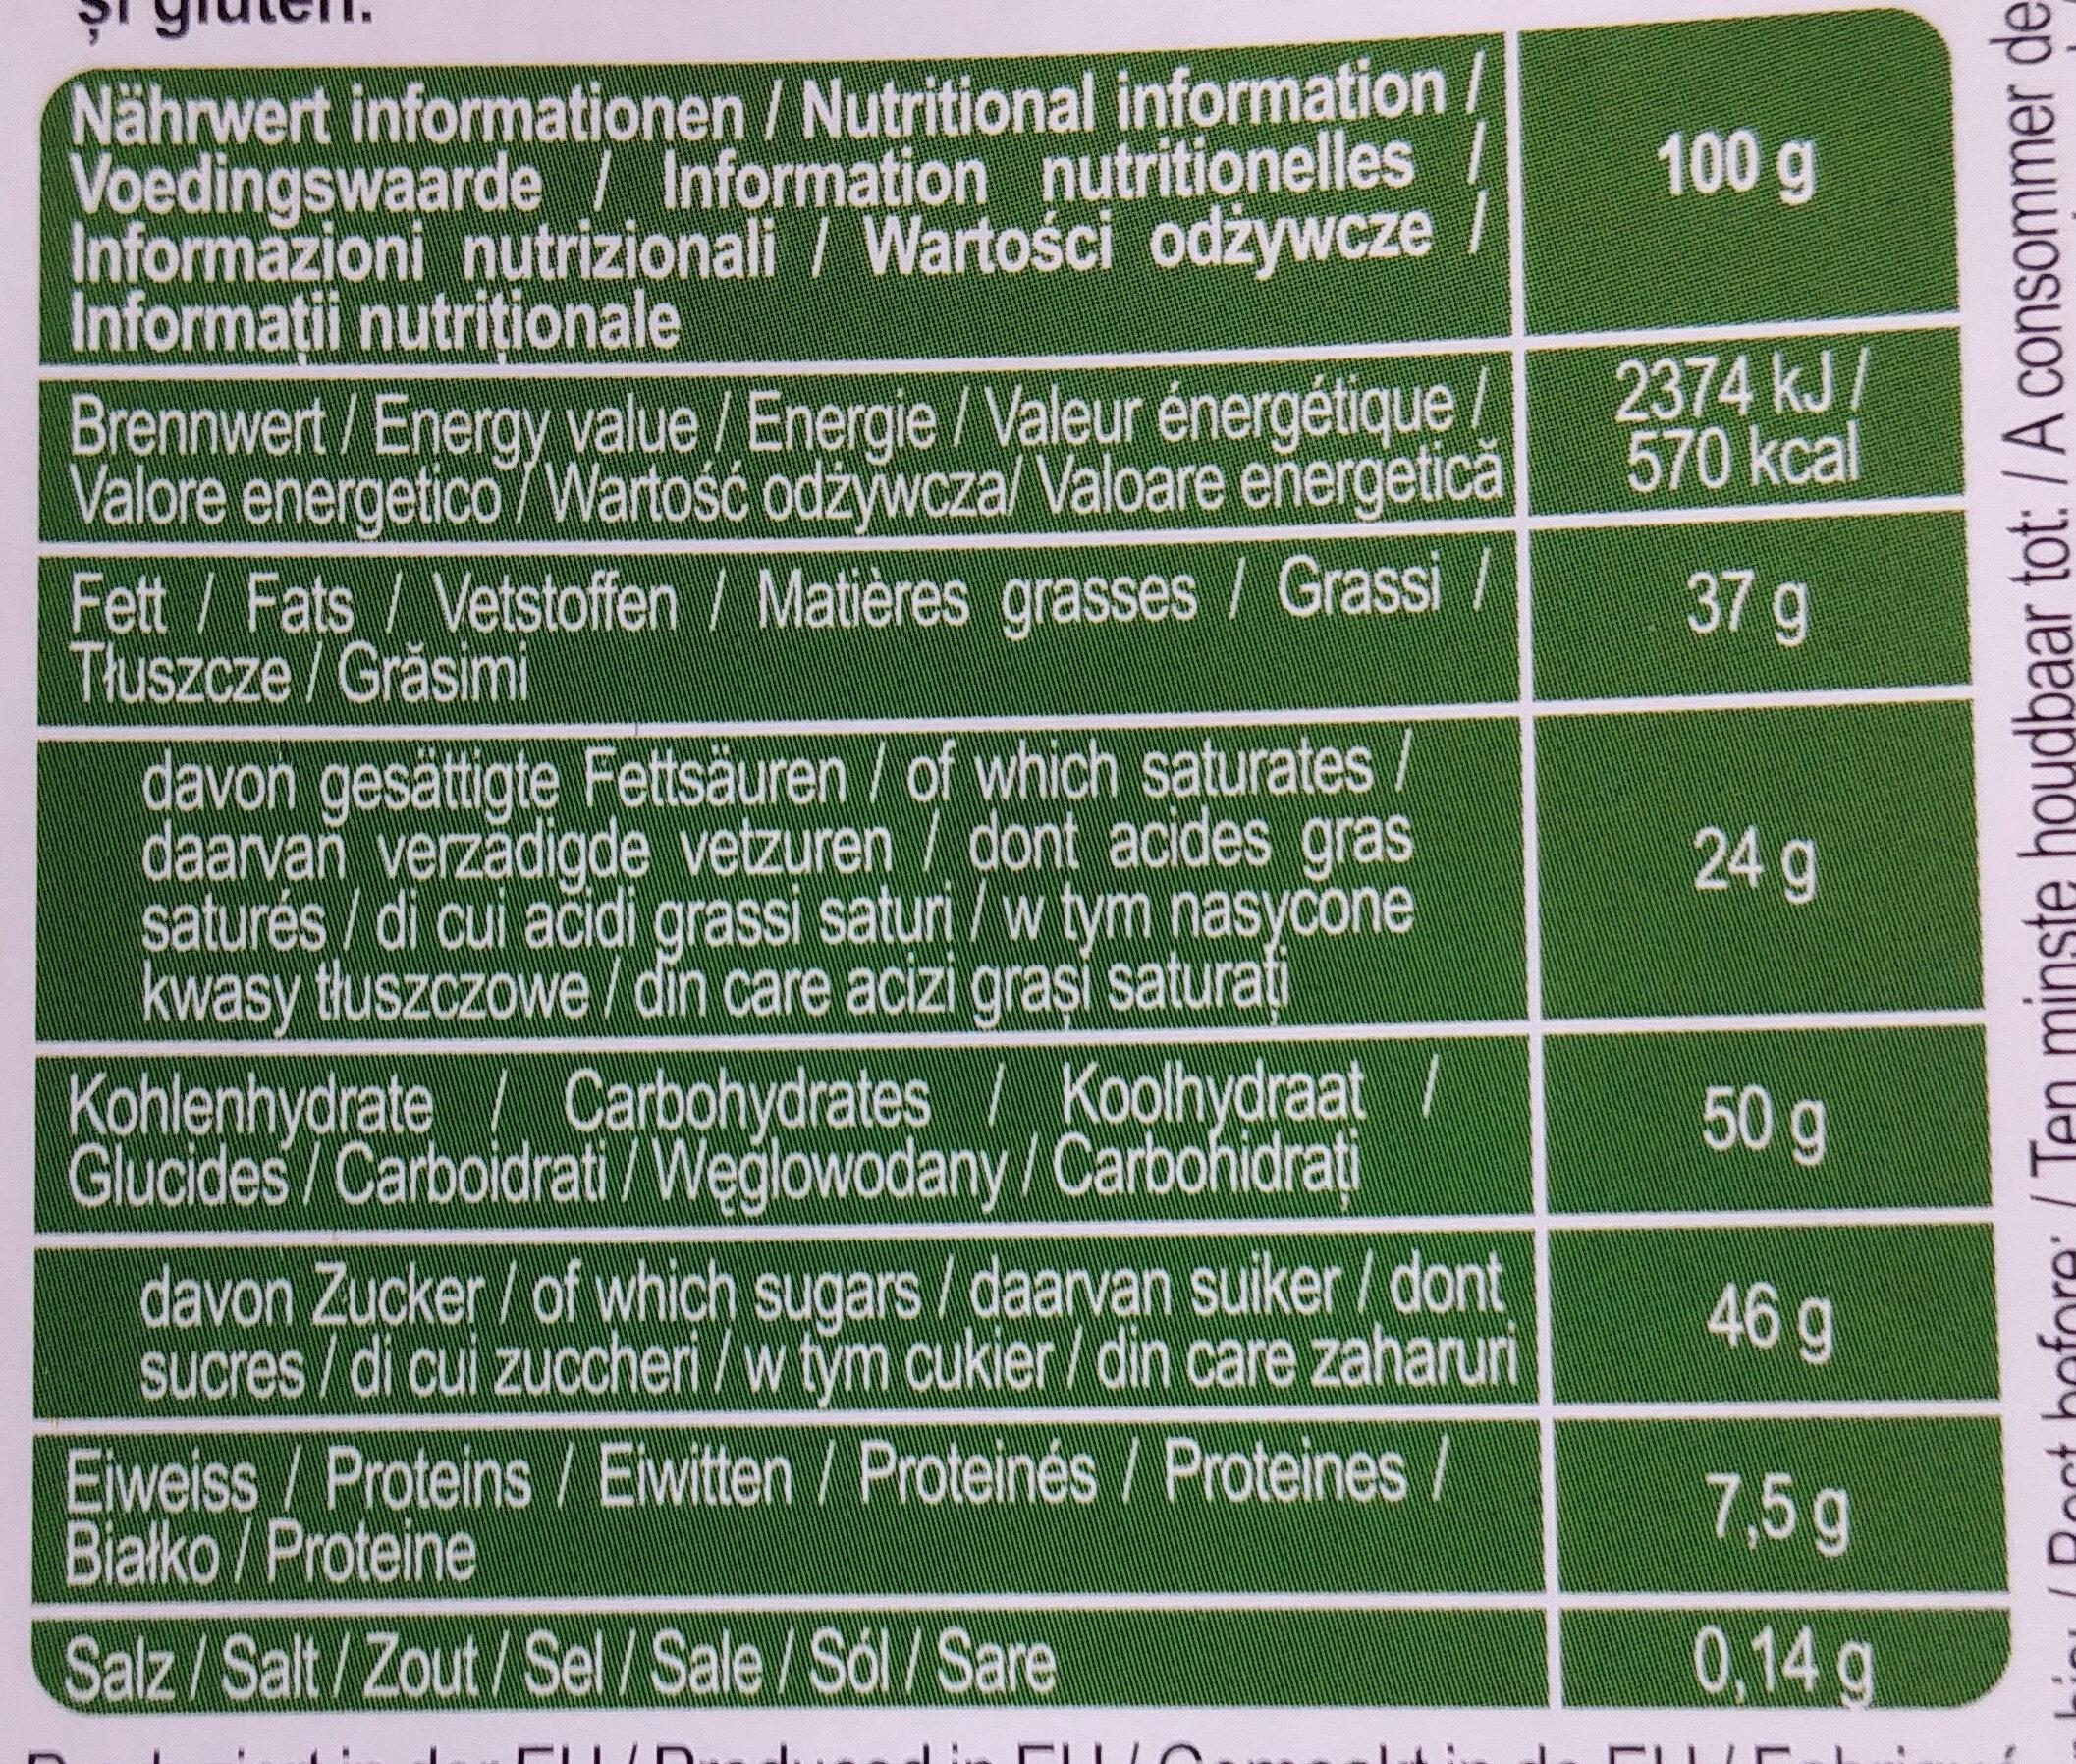 Mleczna czekolada z karmelizowanymi orzechami laskowymi - Wartości odżywcze